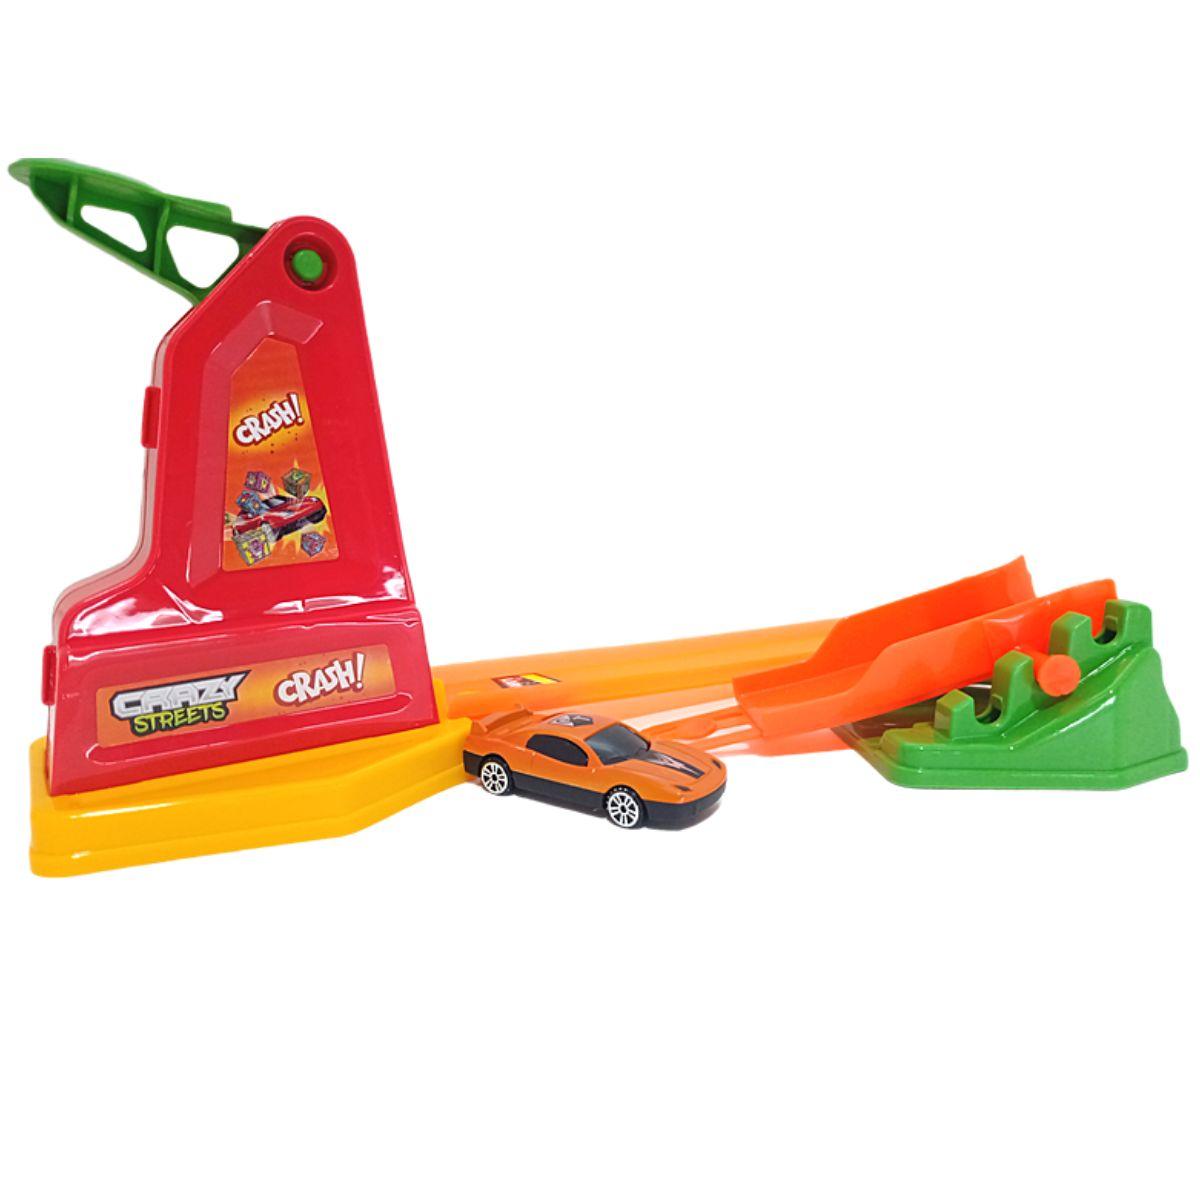 Pista de Brinquedo Divertida Crazy Streets Crash com Carrinho